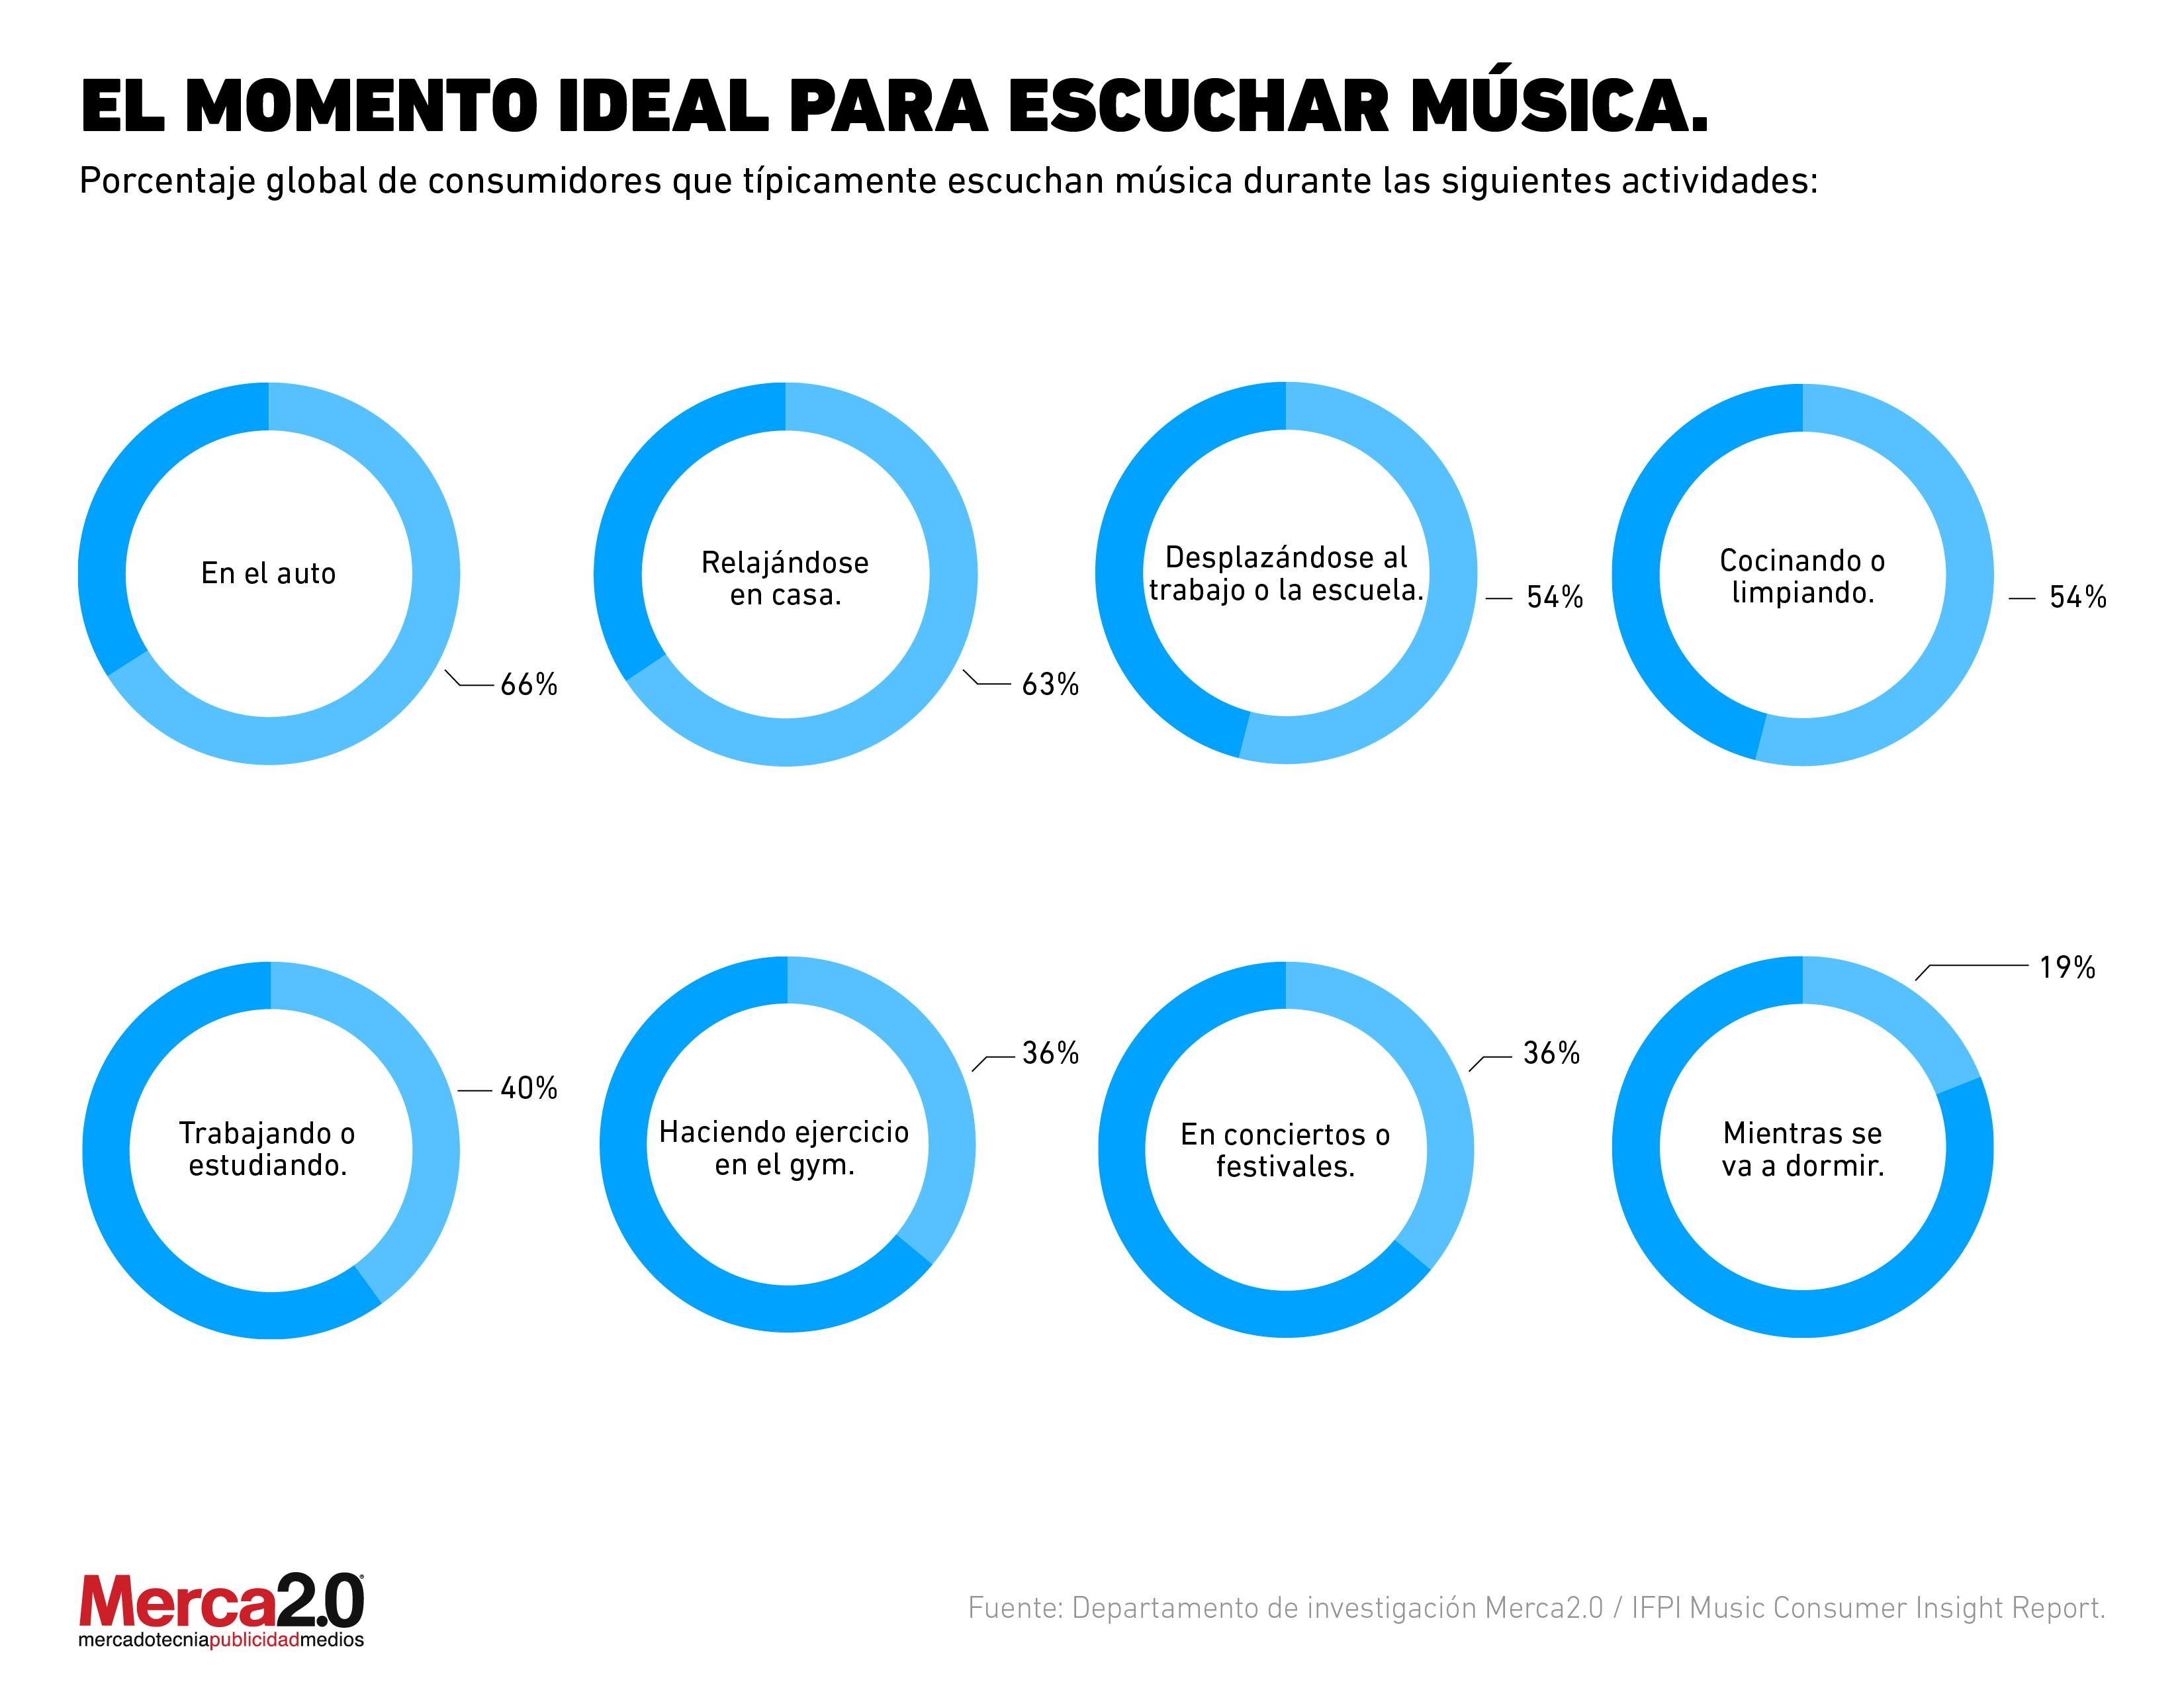 ¿Cuál es el momento perfecto de los consumidores para escuchar música?